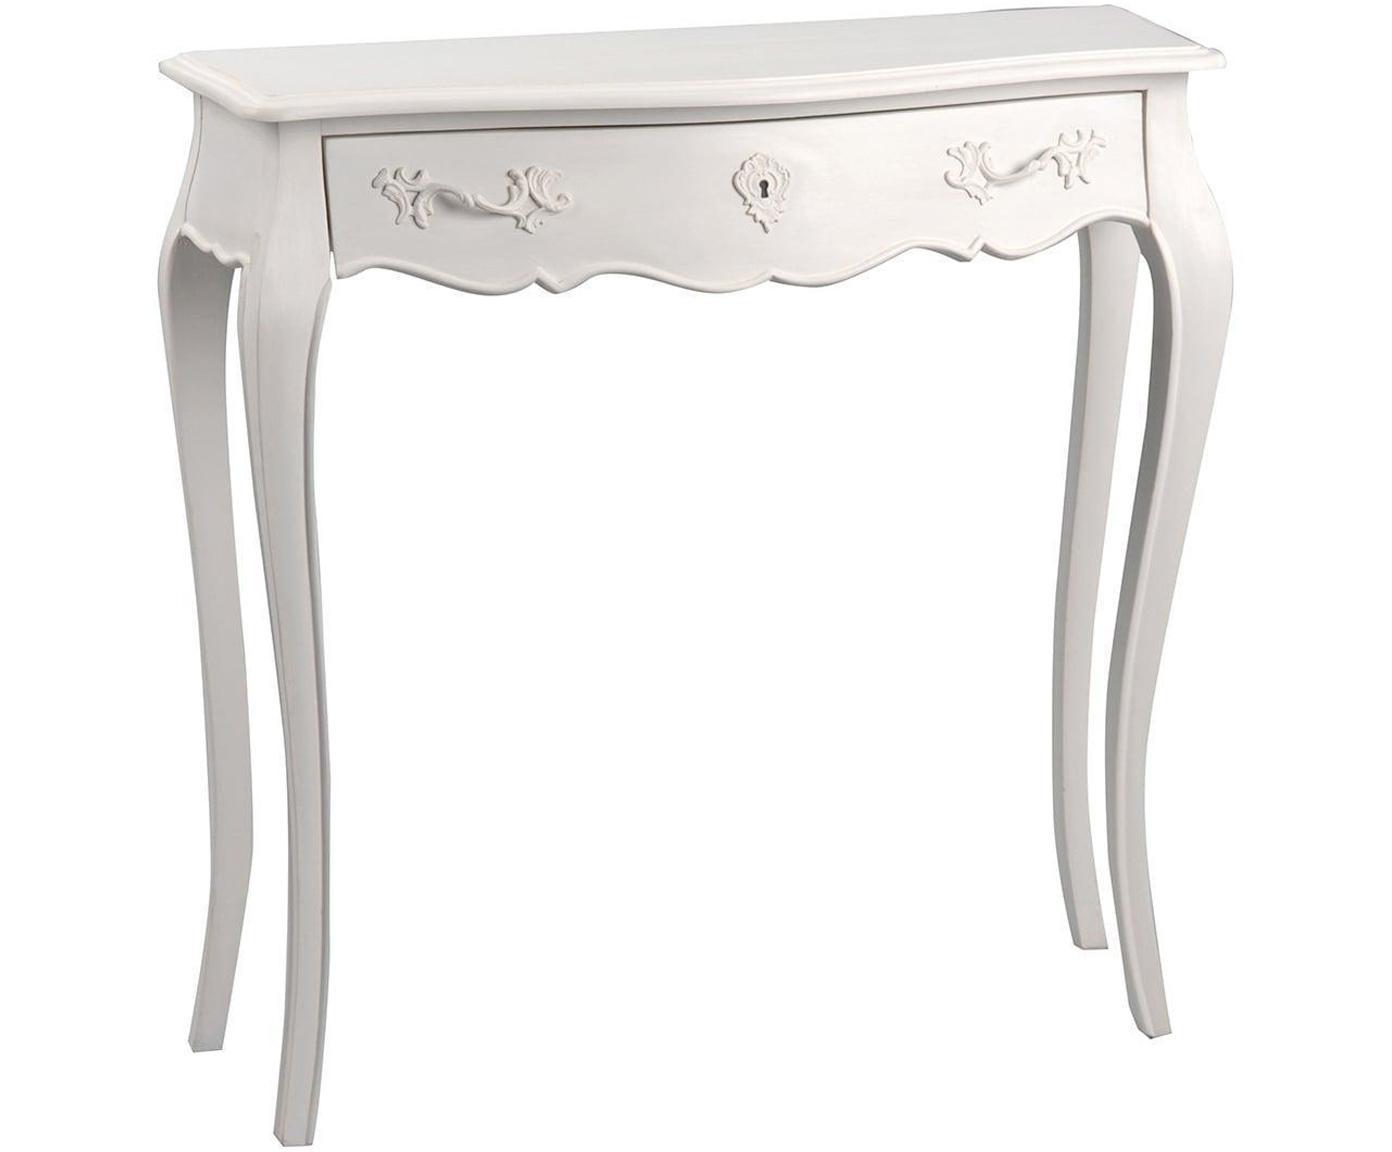 Consola Murano, Blanco roto, An 80 x Al 80 cm